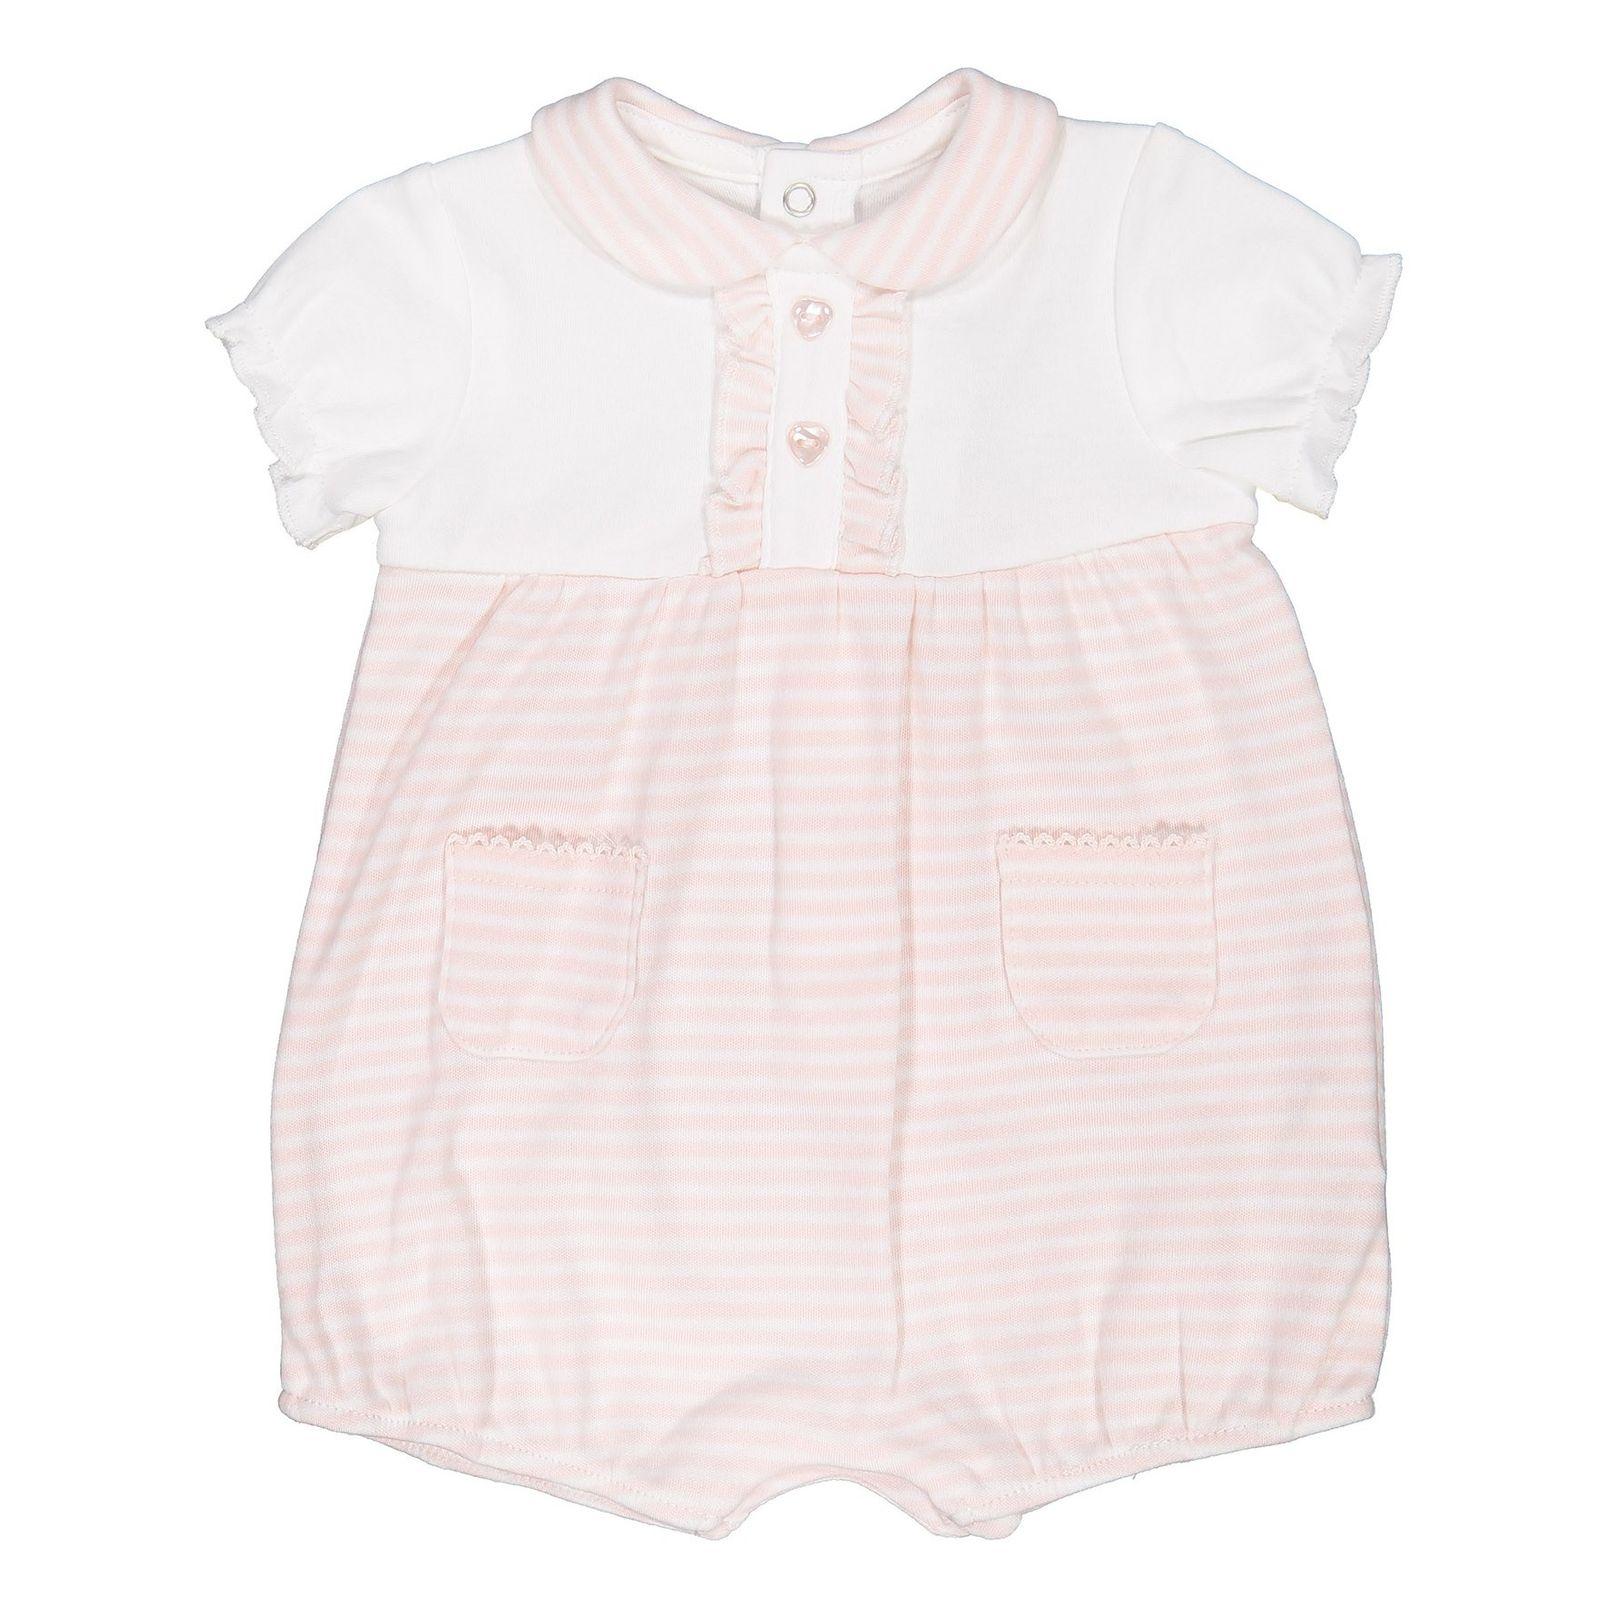 سرهمی نخی نوزادی دخترانه - بلوکیدز - سفید و صورتی - 1